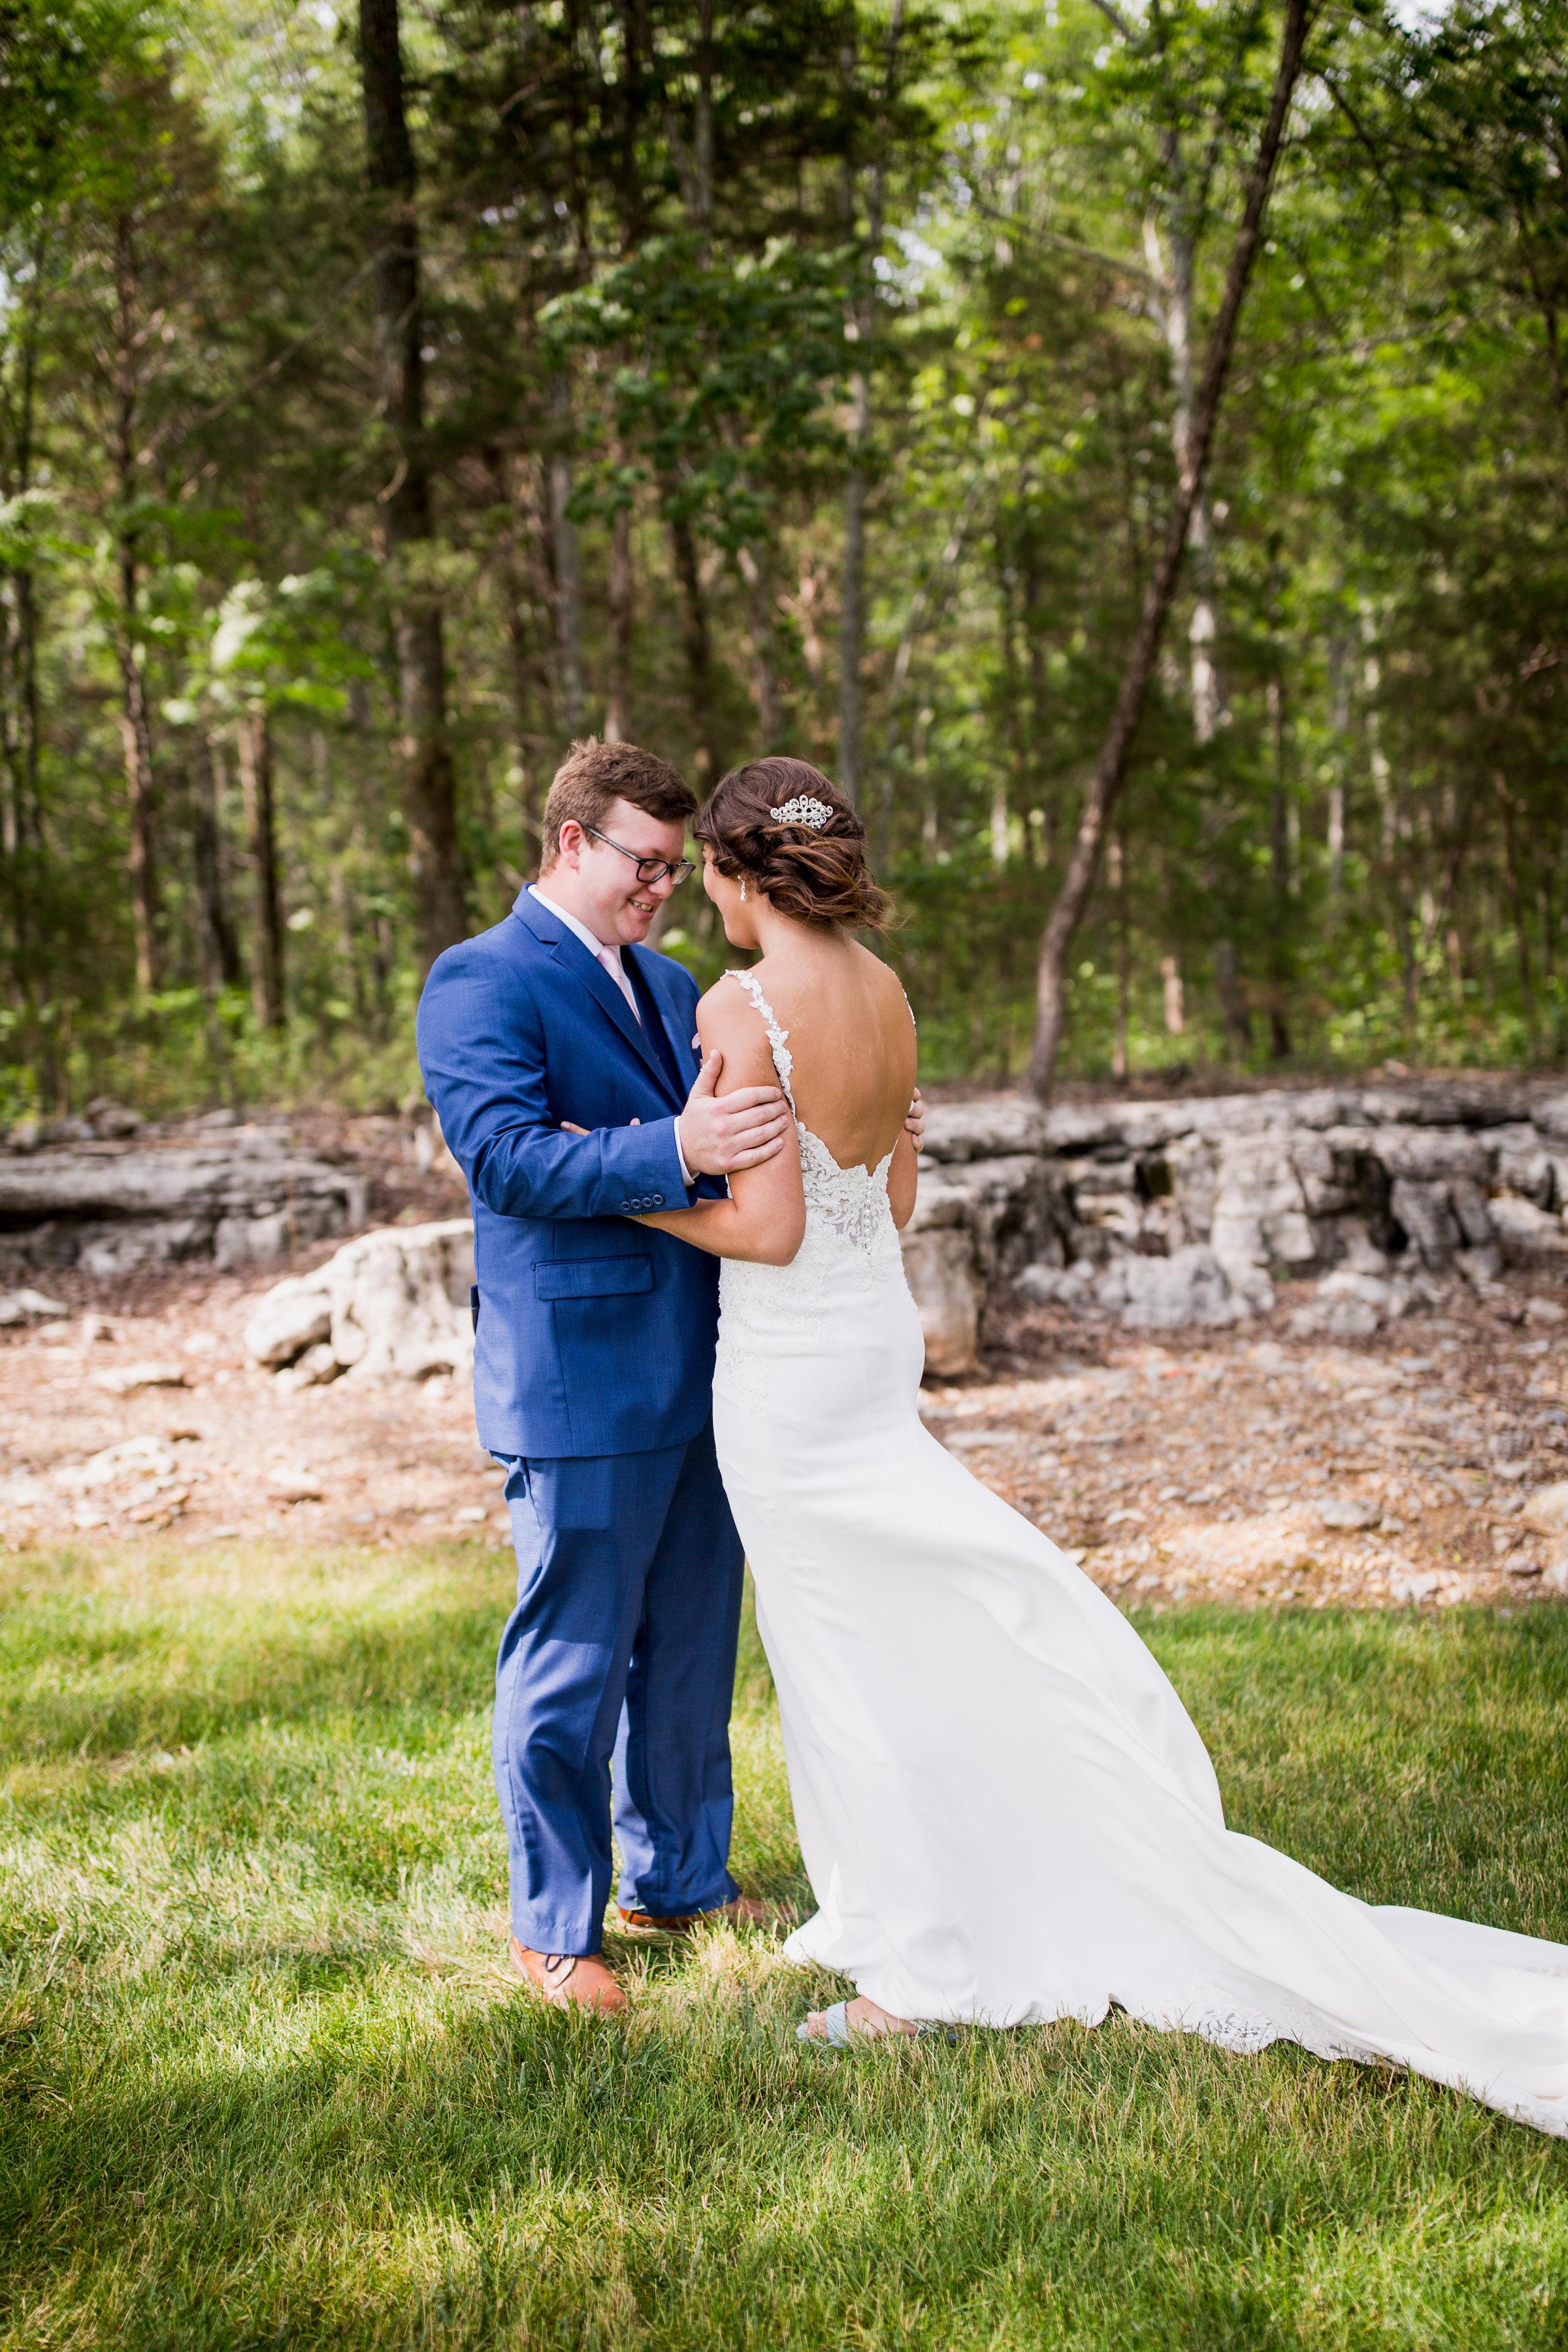 Saddlewood-Farms-Nashville-Wedding-Photographers-97.jpg